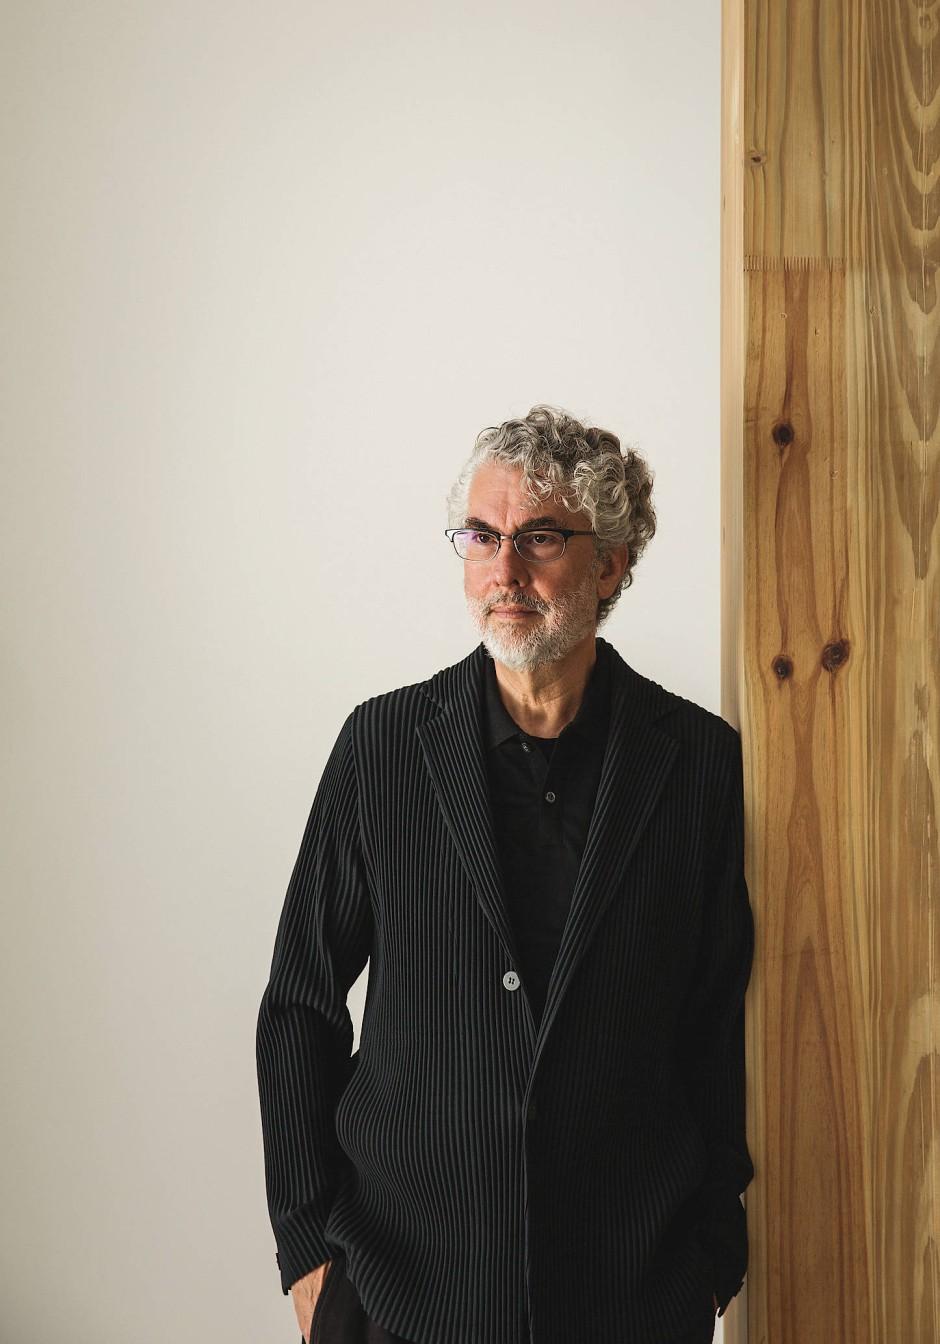 Nicht nur Architekt: Der Brasilianer Marcio Kogan